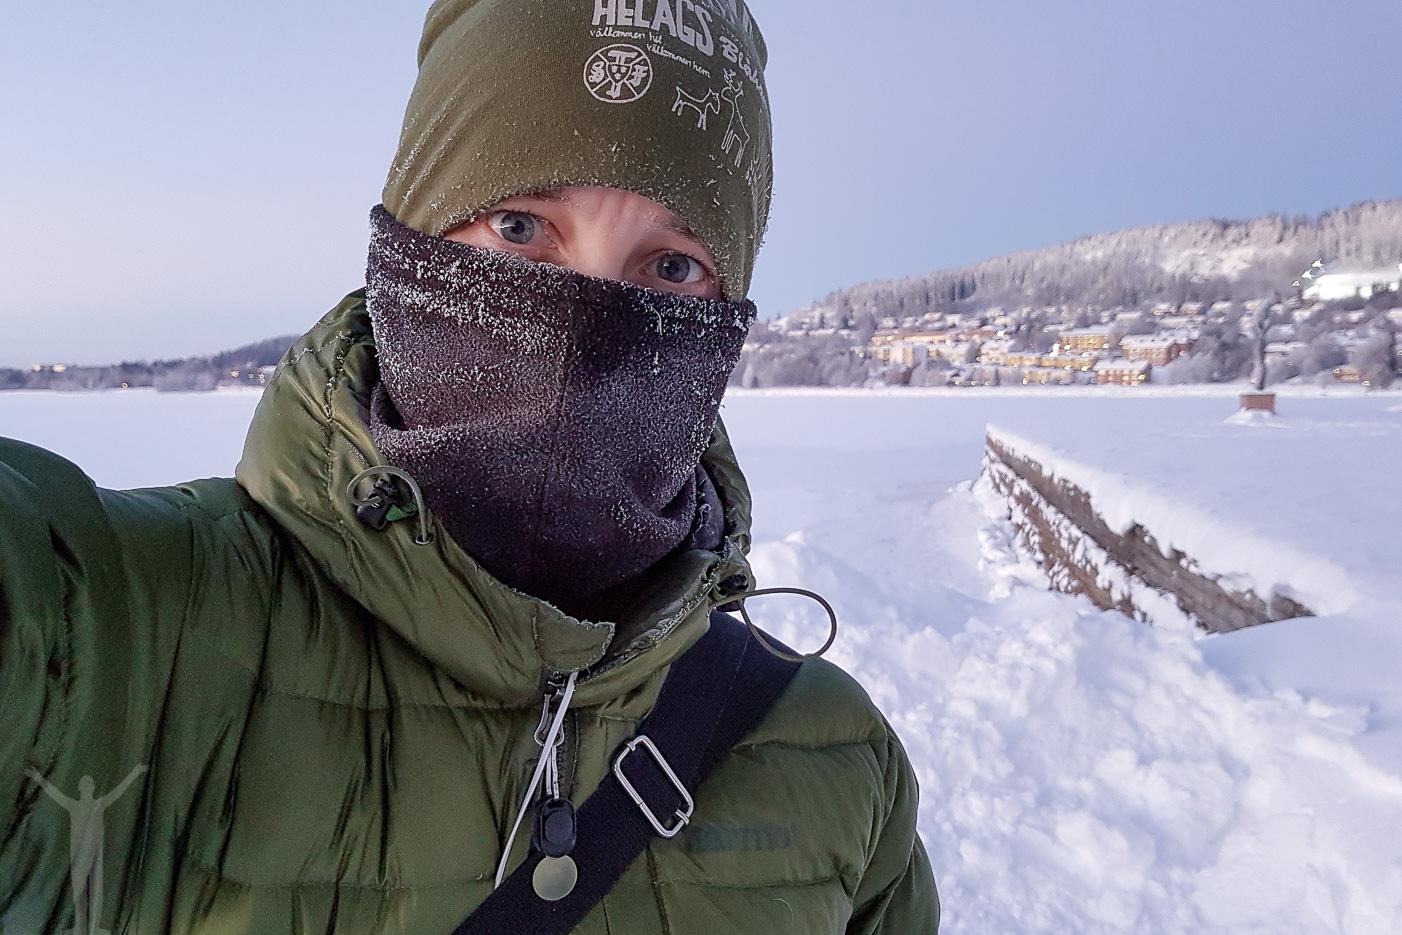 Dryden och -20°C